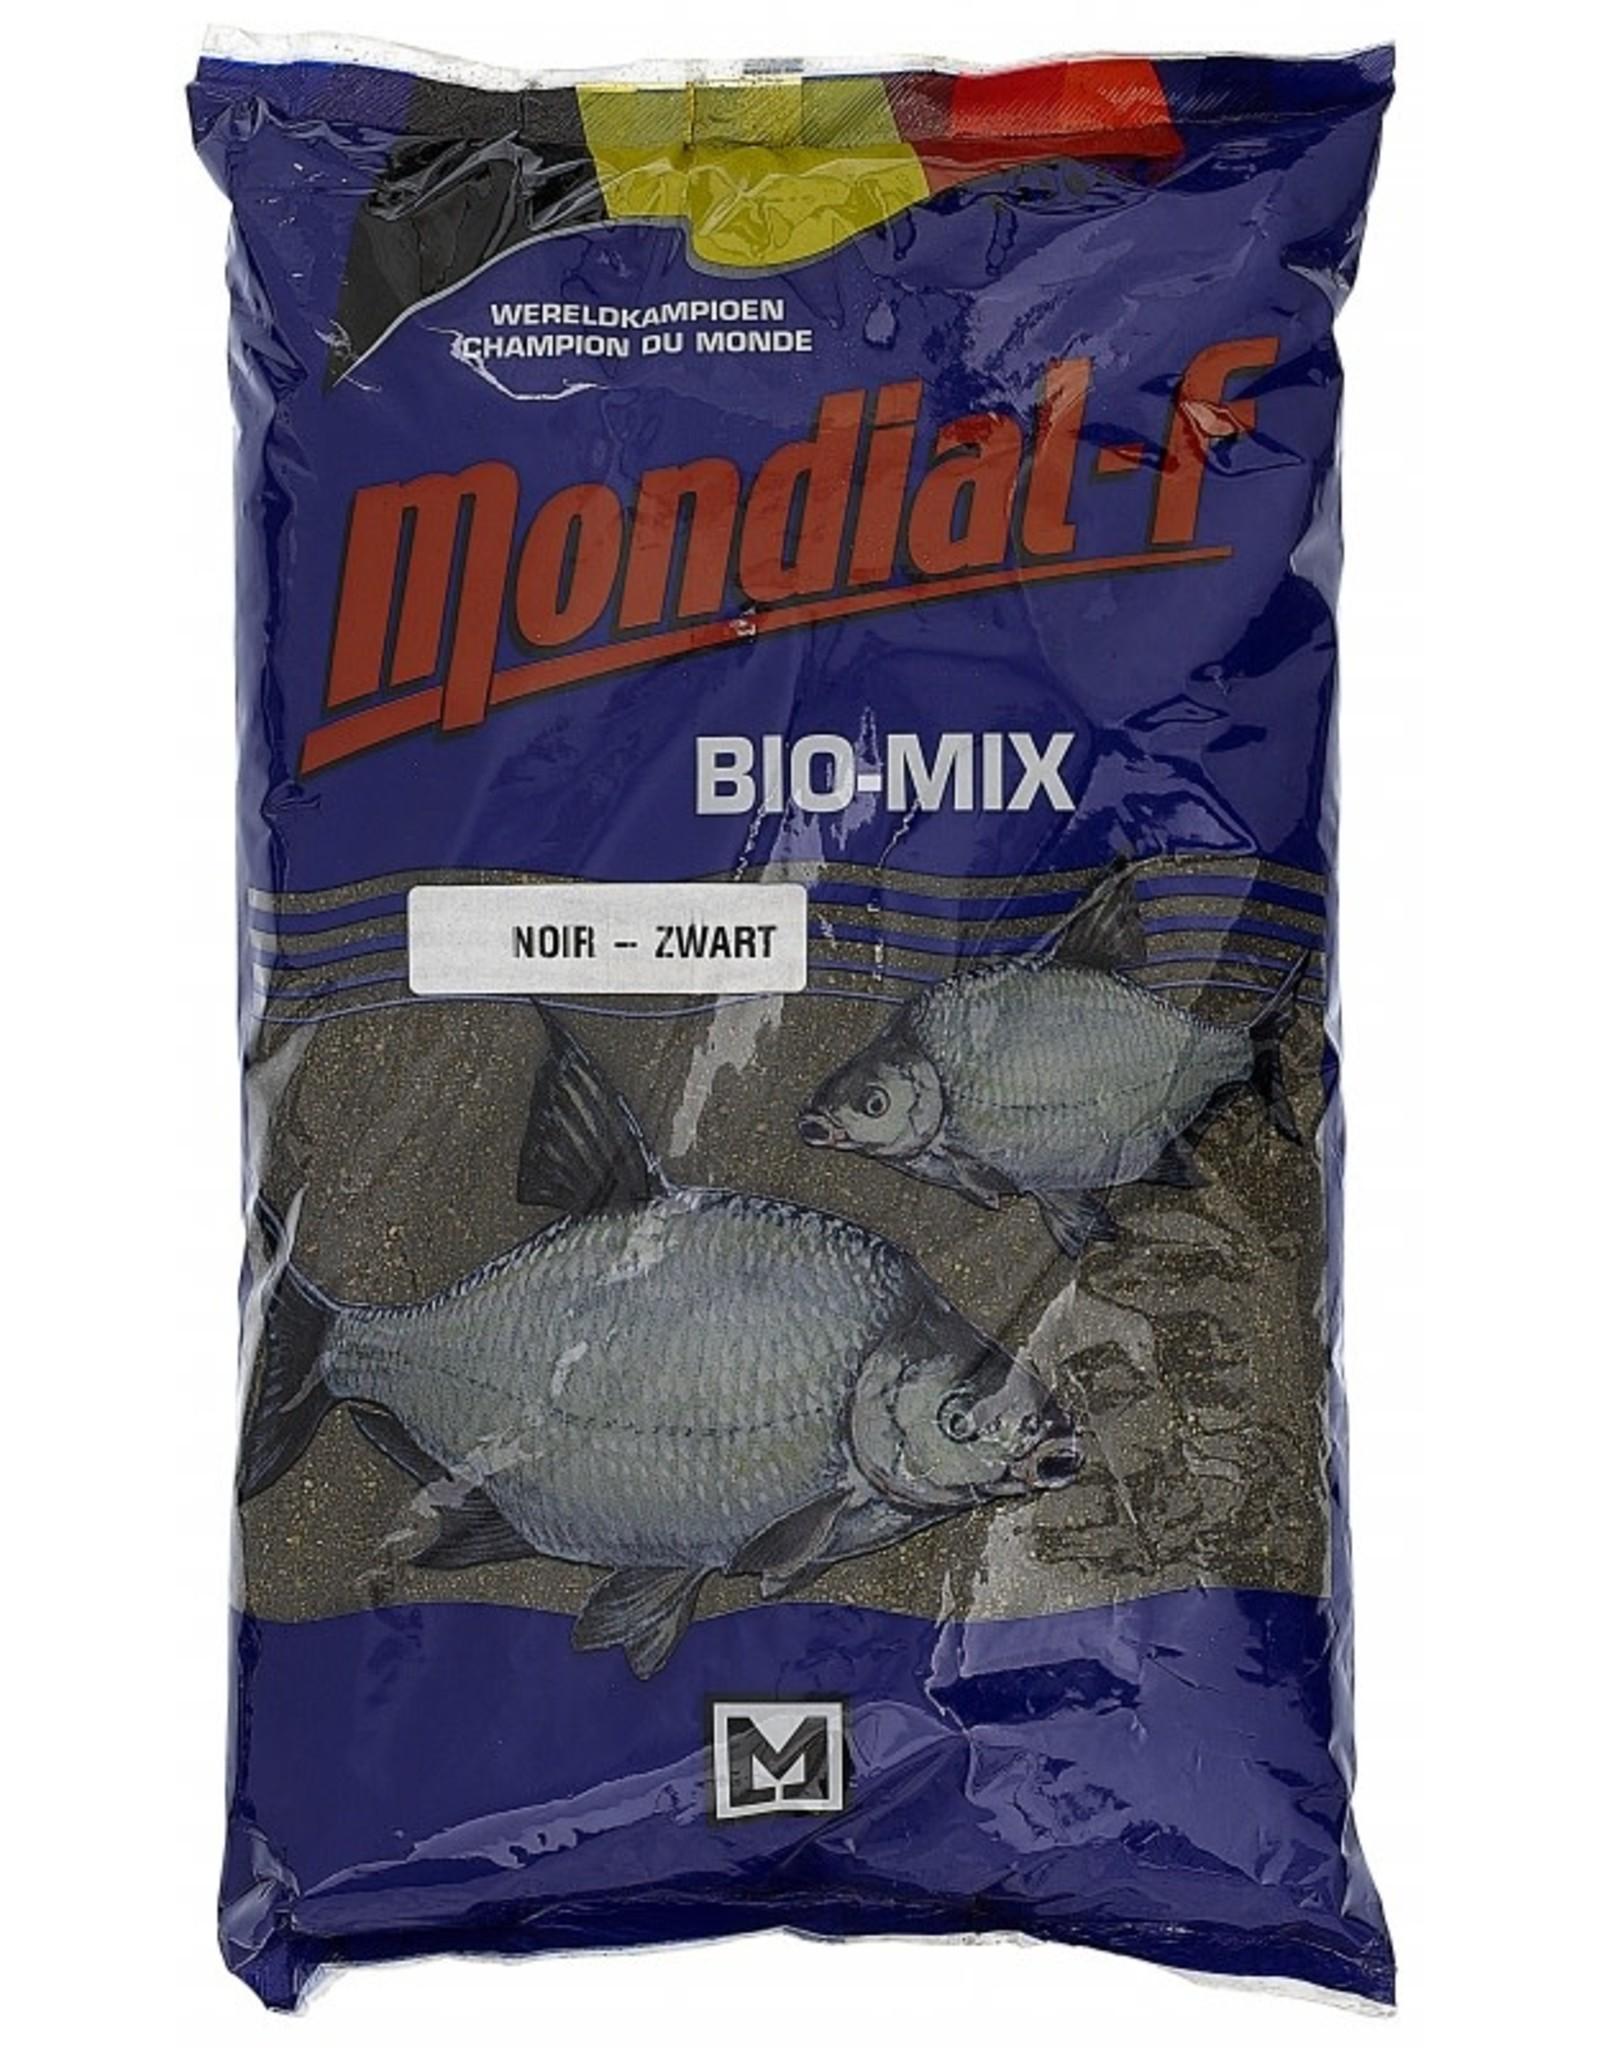 MONDIAL-F BIO MIX ZWART 2KG